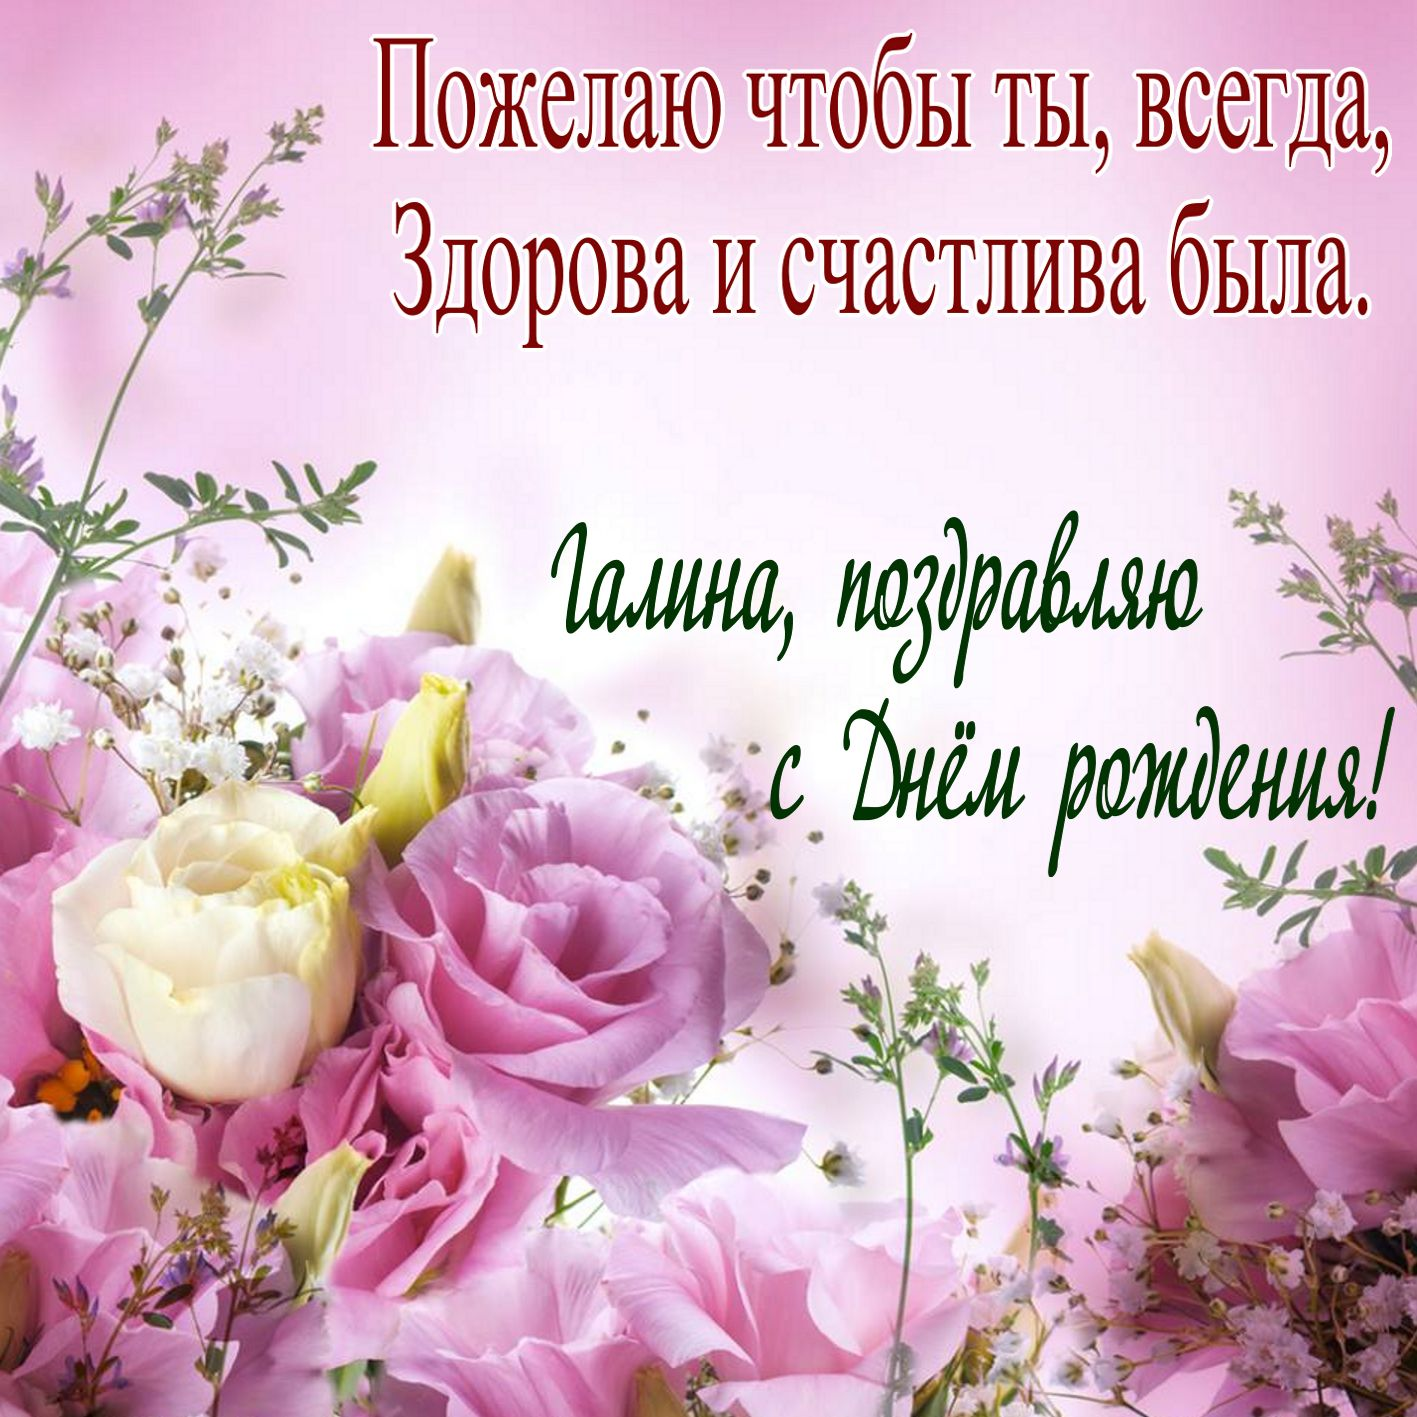 Открытка с пожеланием на фоне из цветов